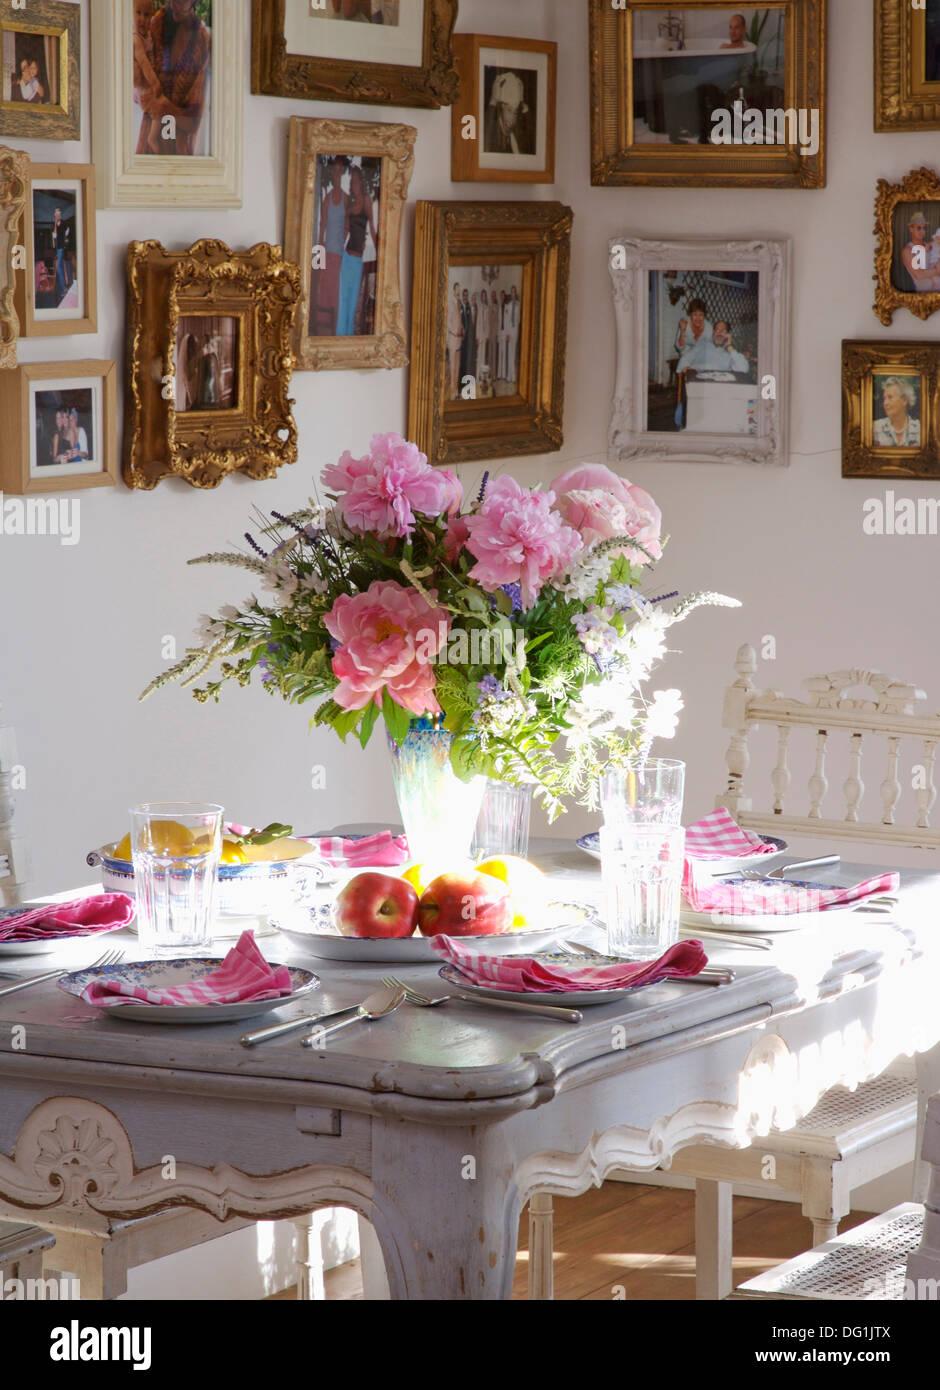 Esszimmer mit Vase mit rosa Rosen und Laub auf grau lackierte Tisch ...